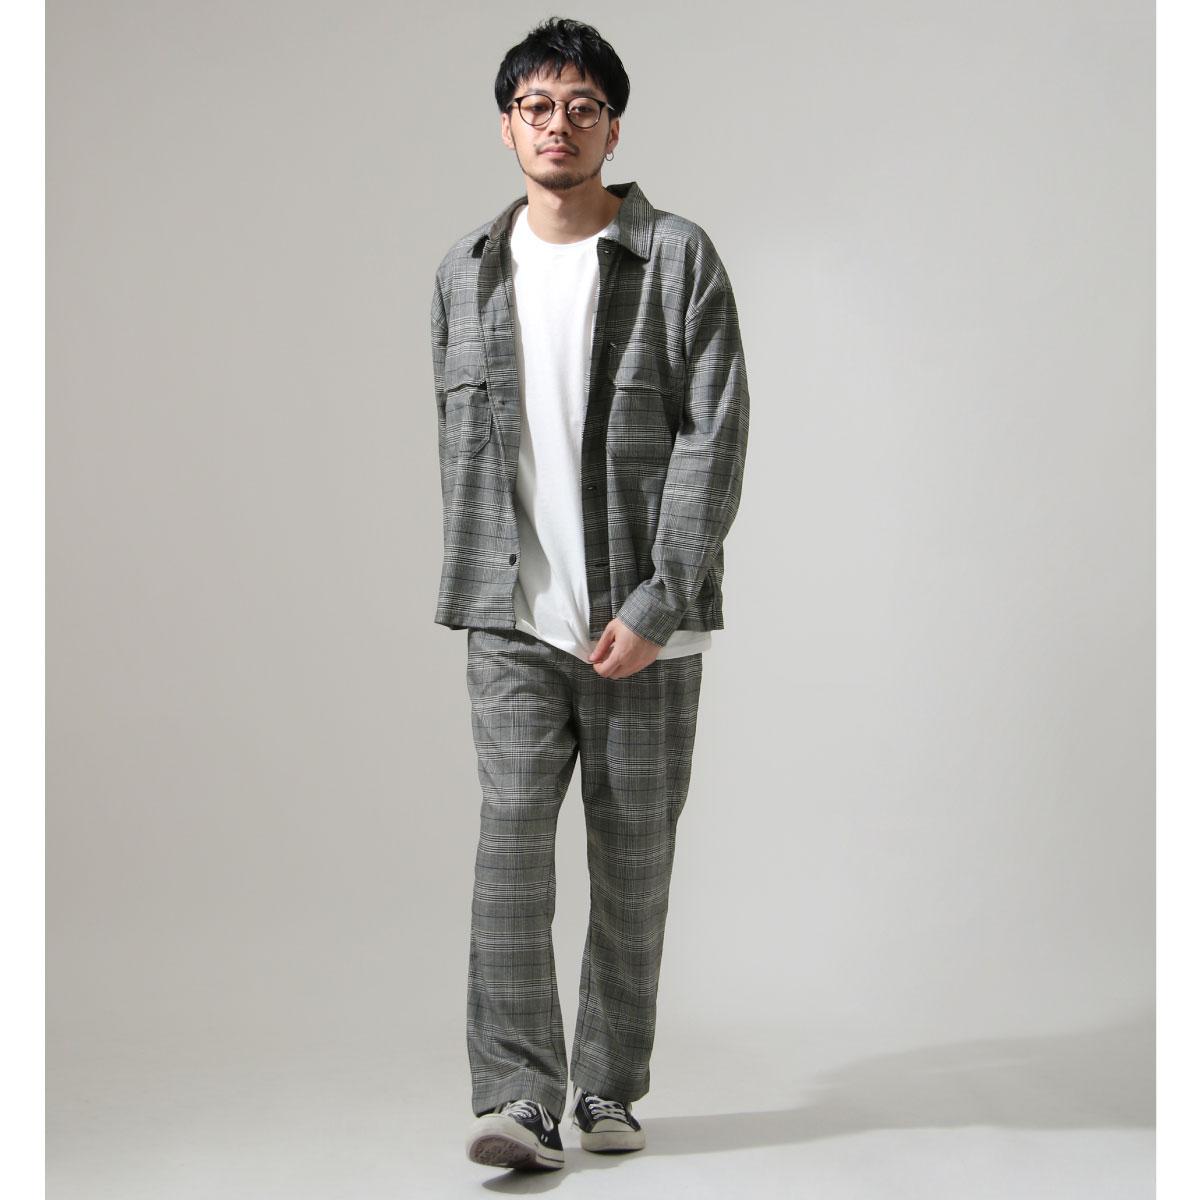 ZIP 格紋長袖襯衫 口袋設計 5